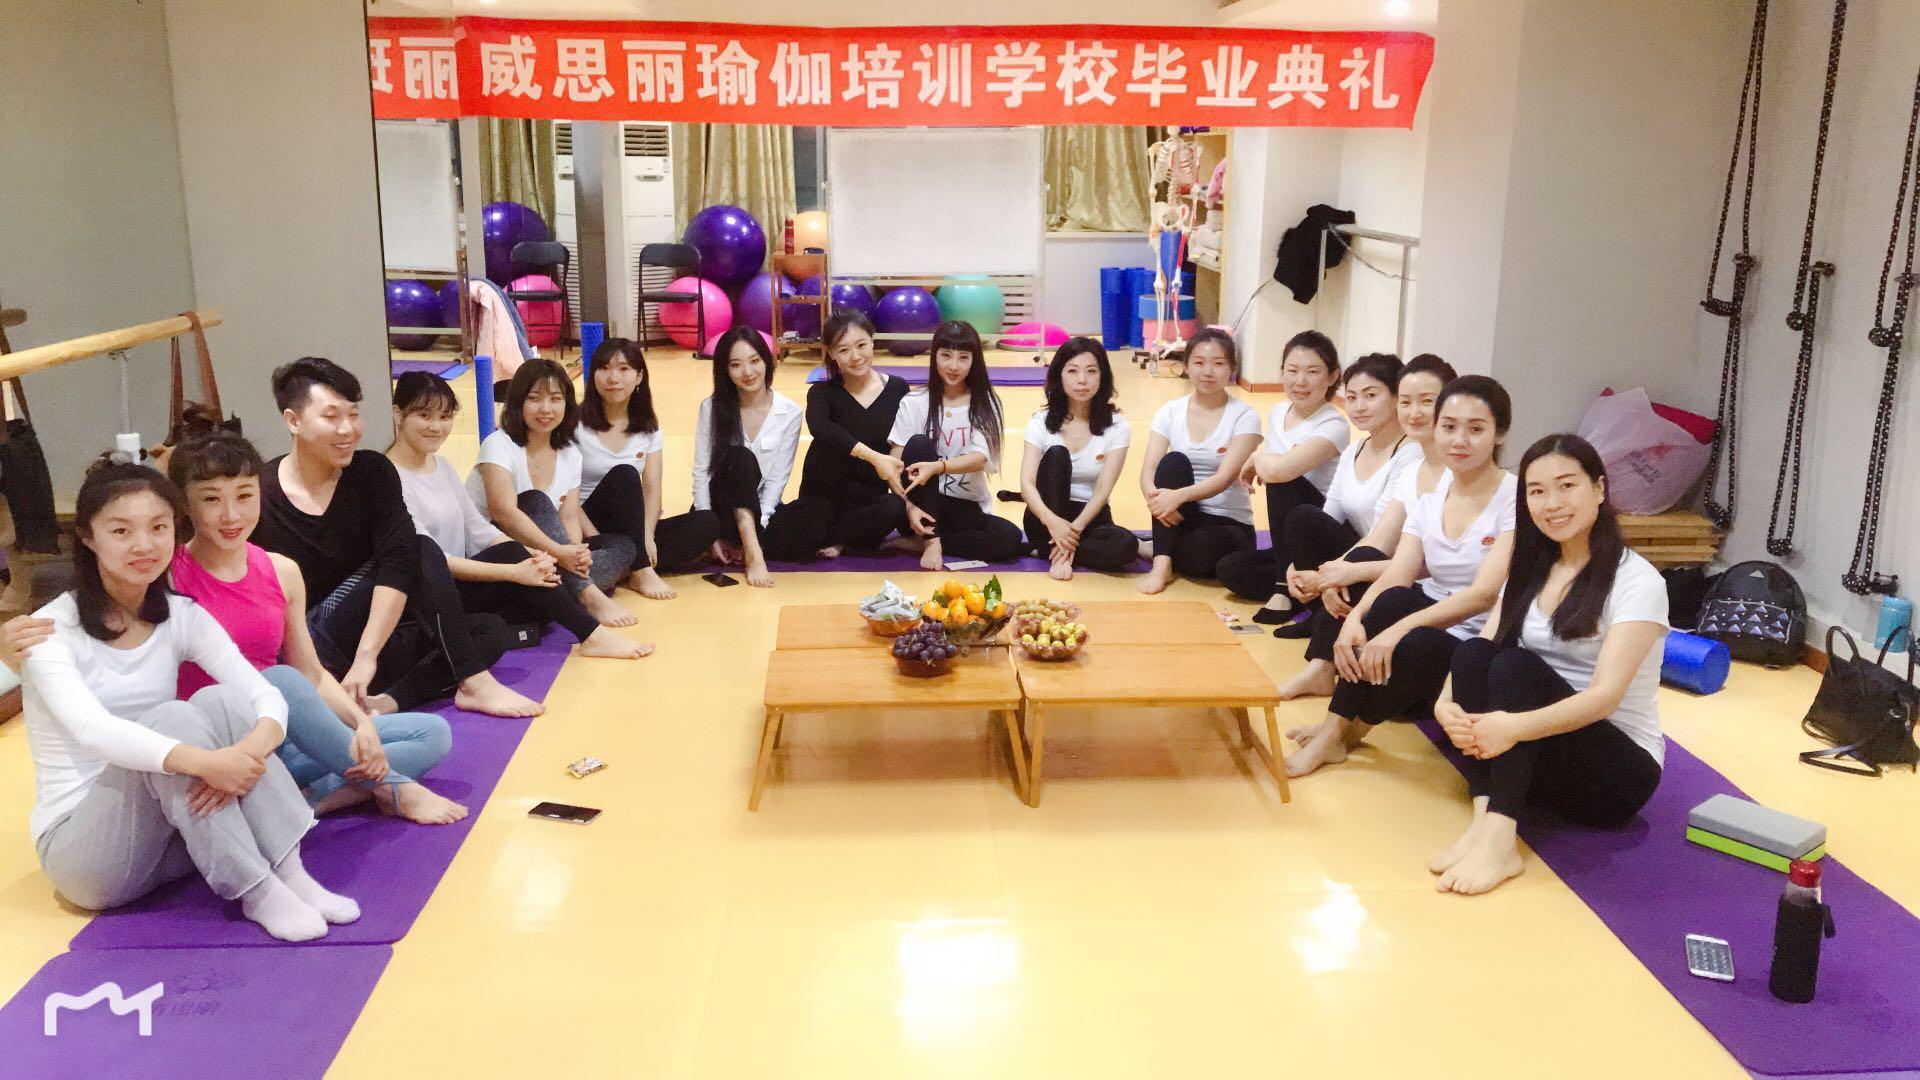 沈阳威思丽瑜伽教练学校孕妇瑜伽课程招生